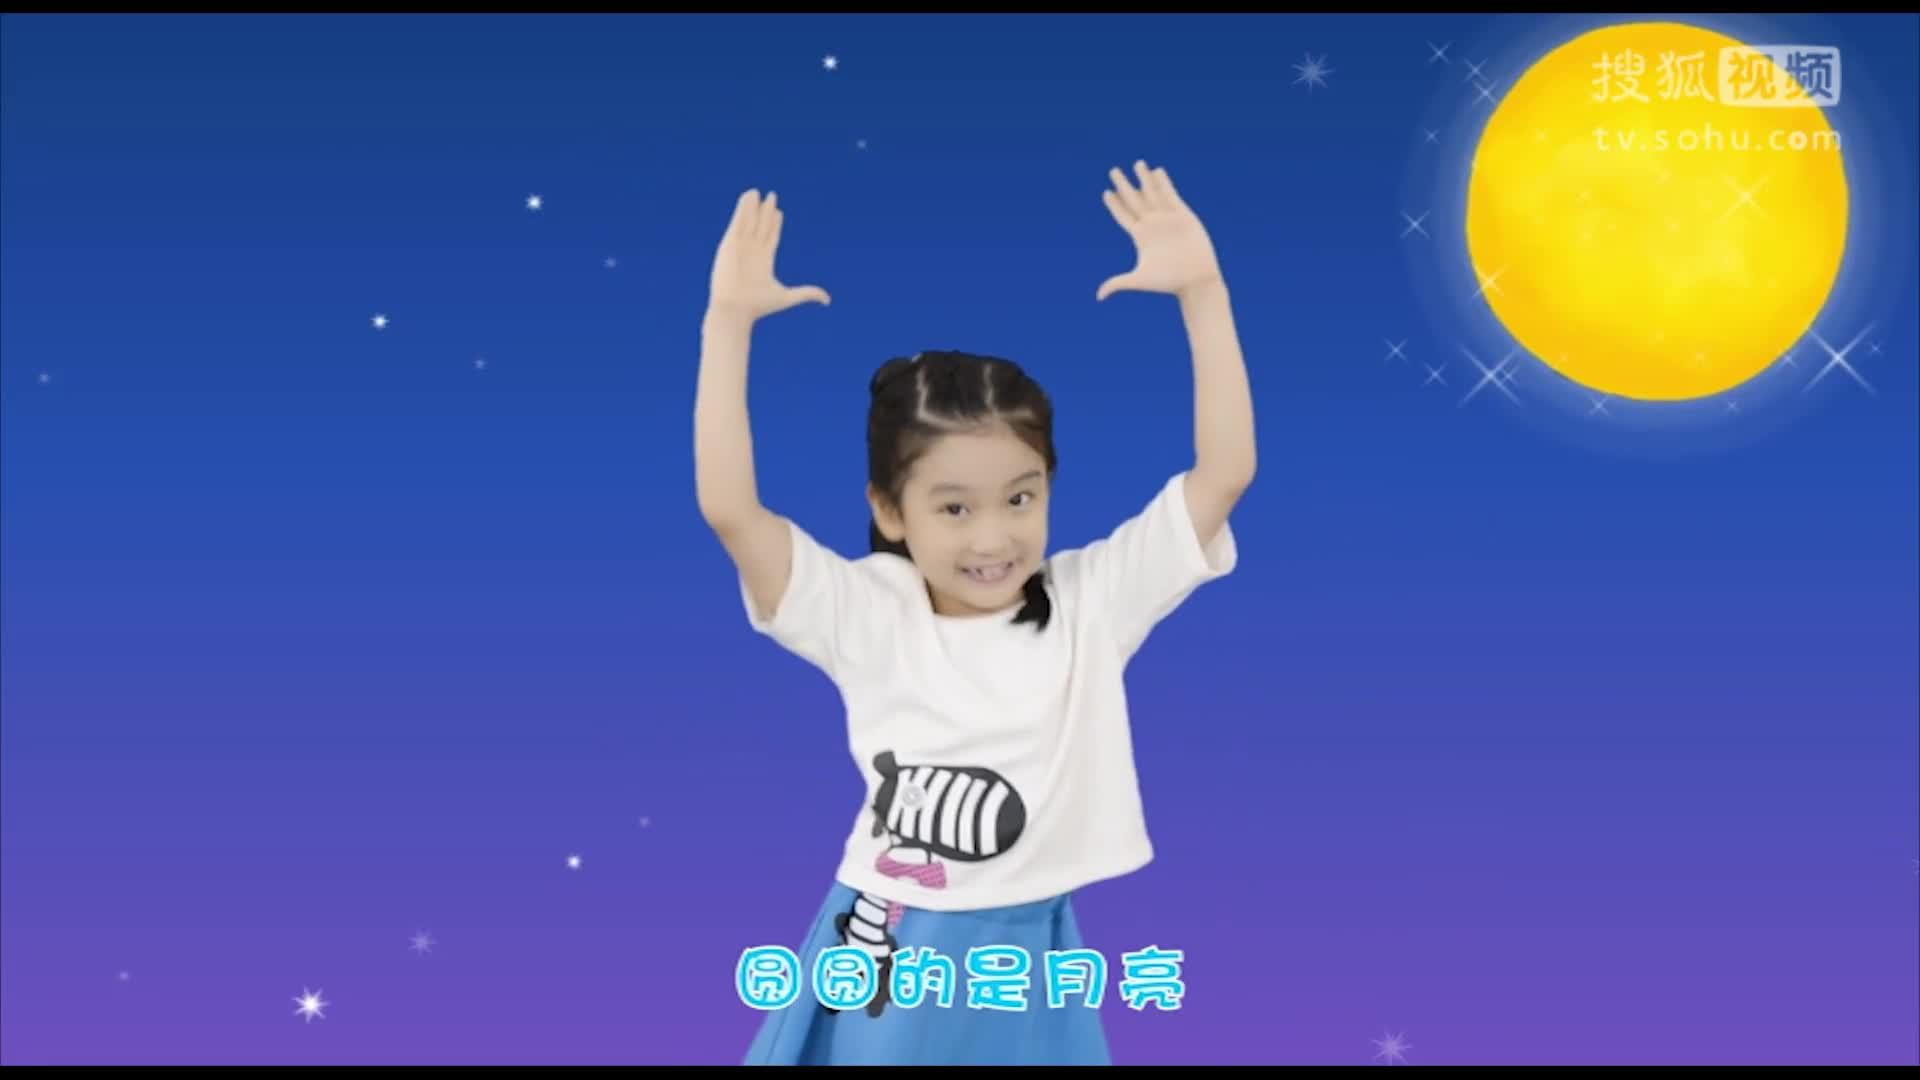 淘 儿歌简谱网提供简谱歌谱大全-洋娃娃和熊跳舞简谱下载,图片尺寸